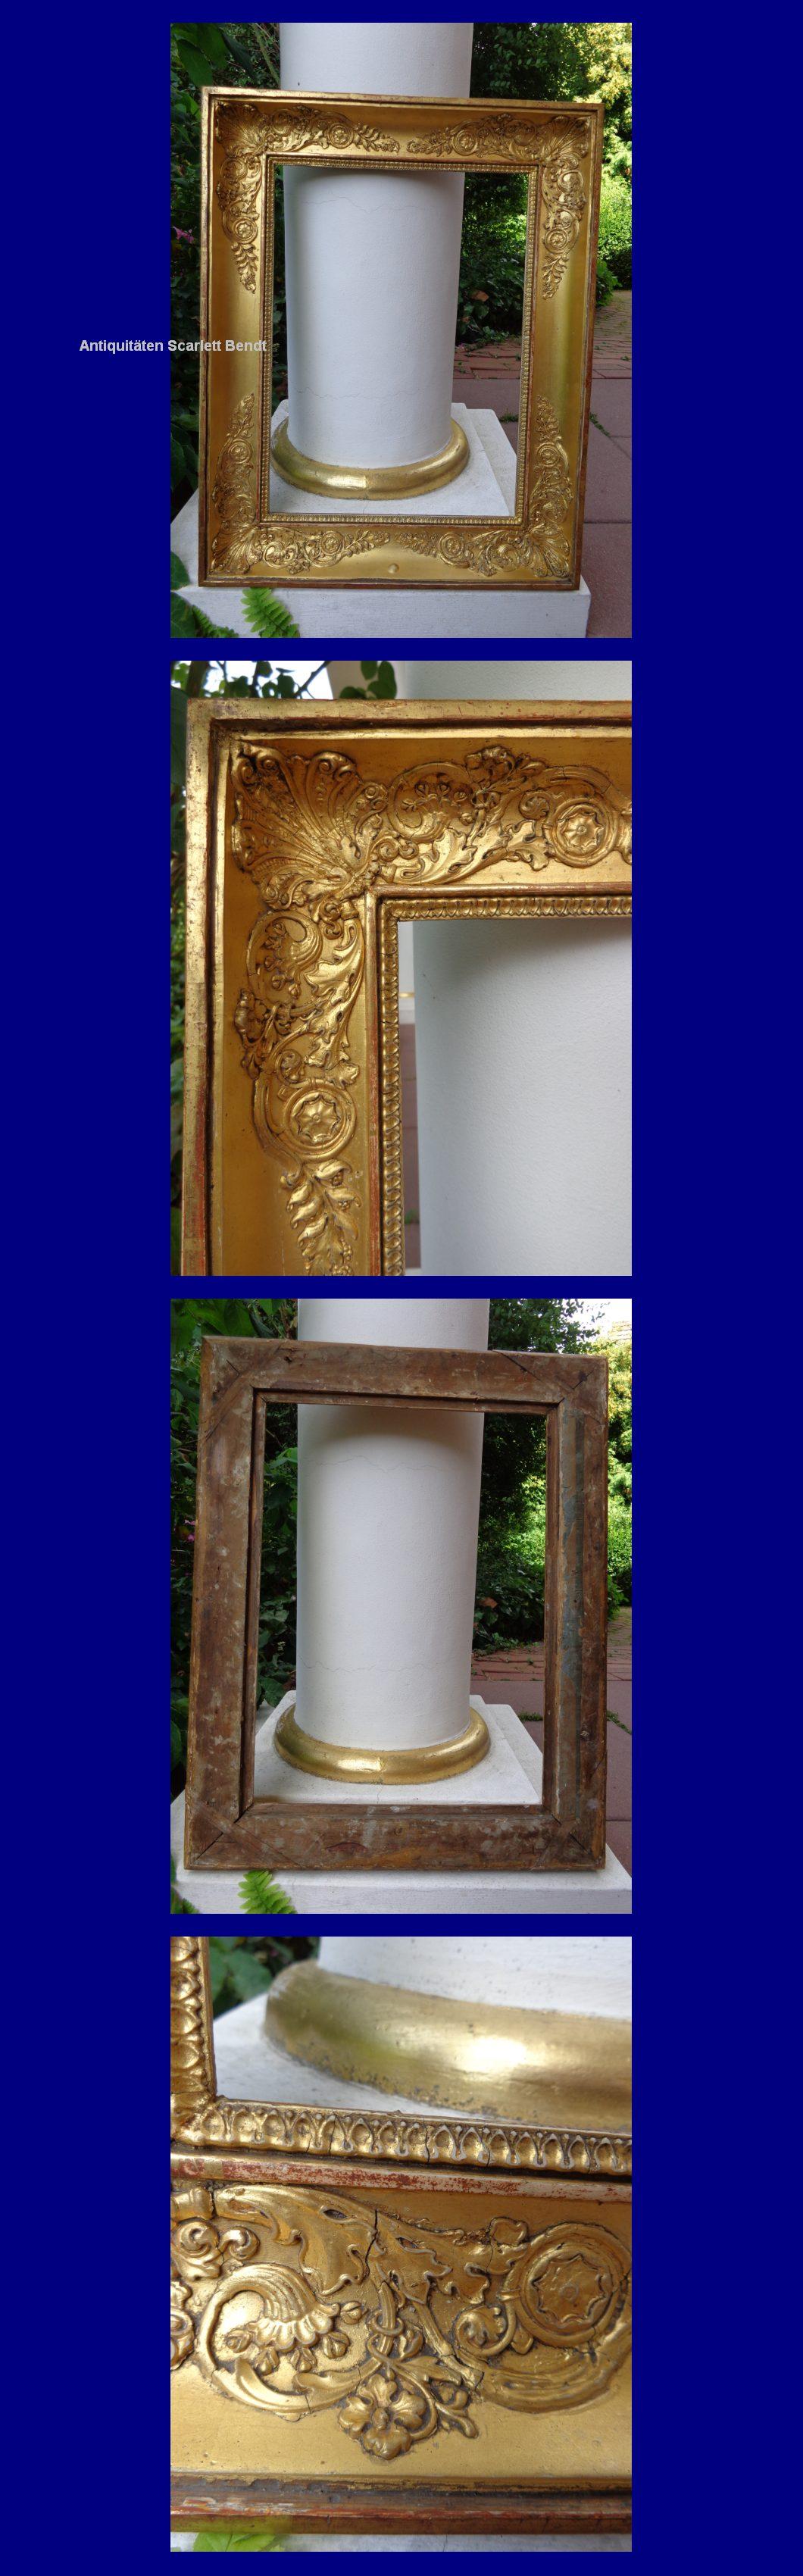 antique frame. Antique Frame, France About 1830. Frame